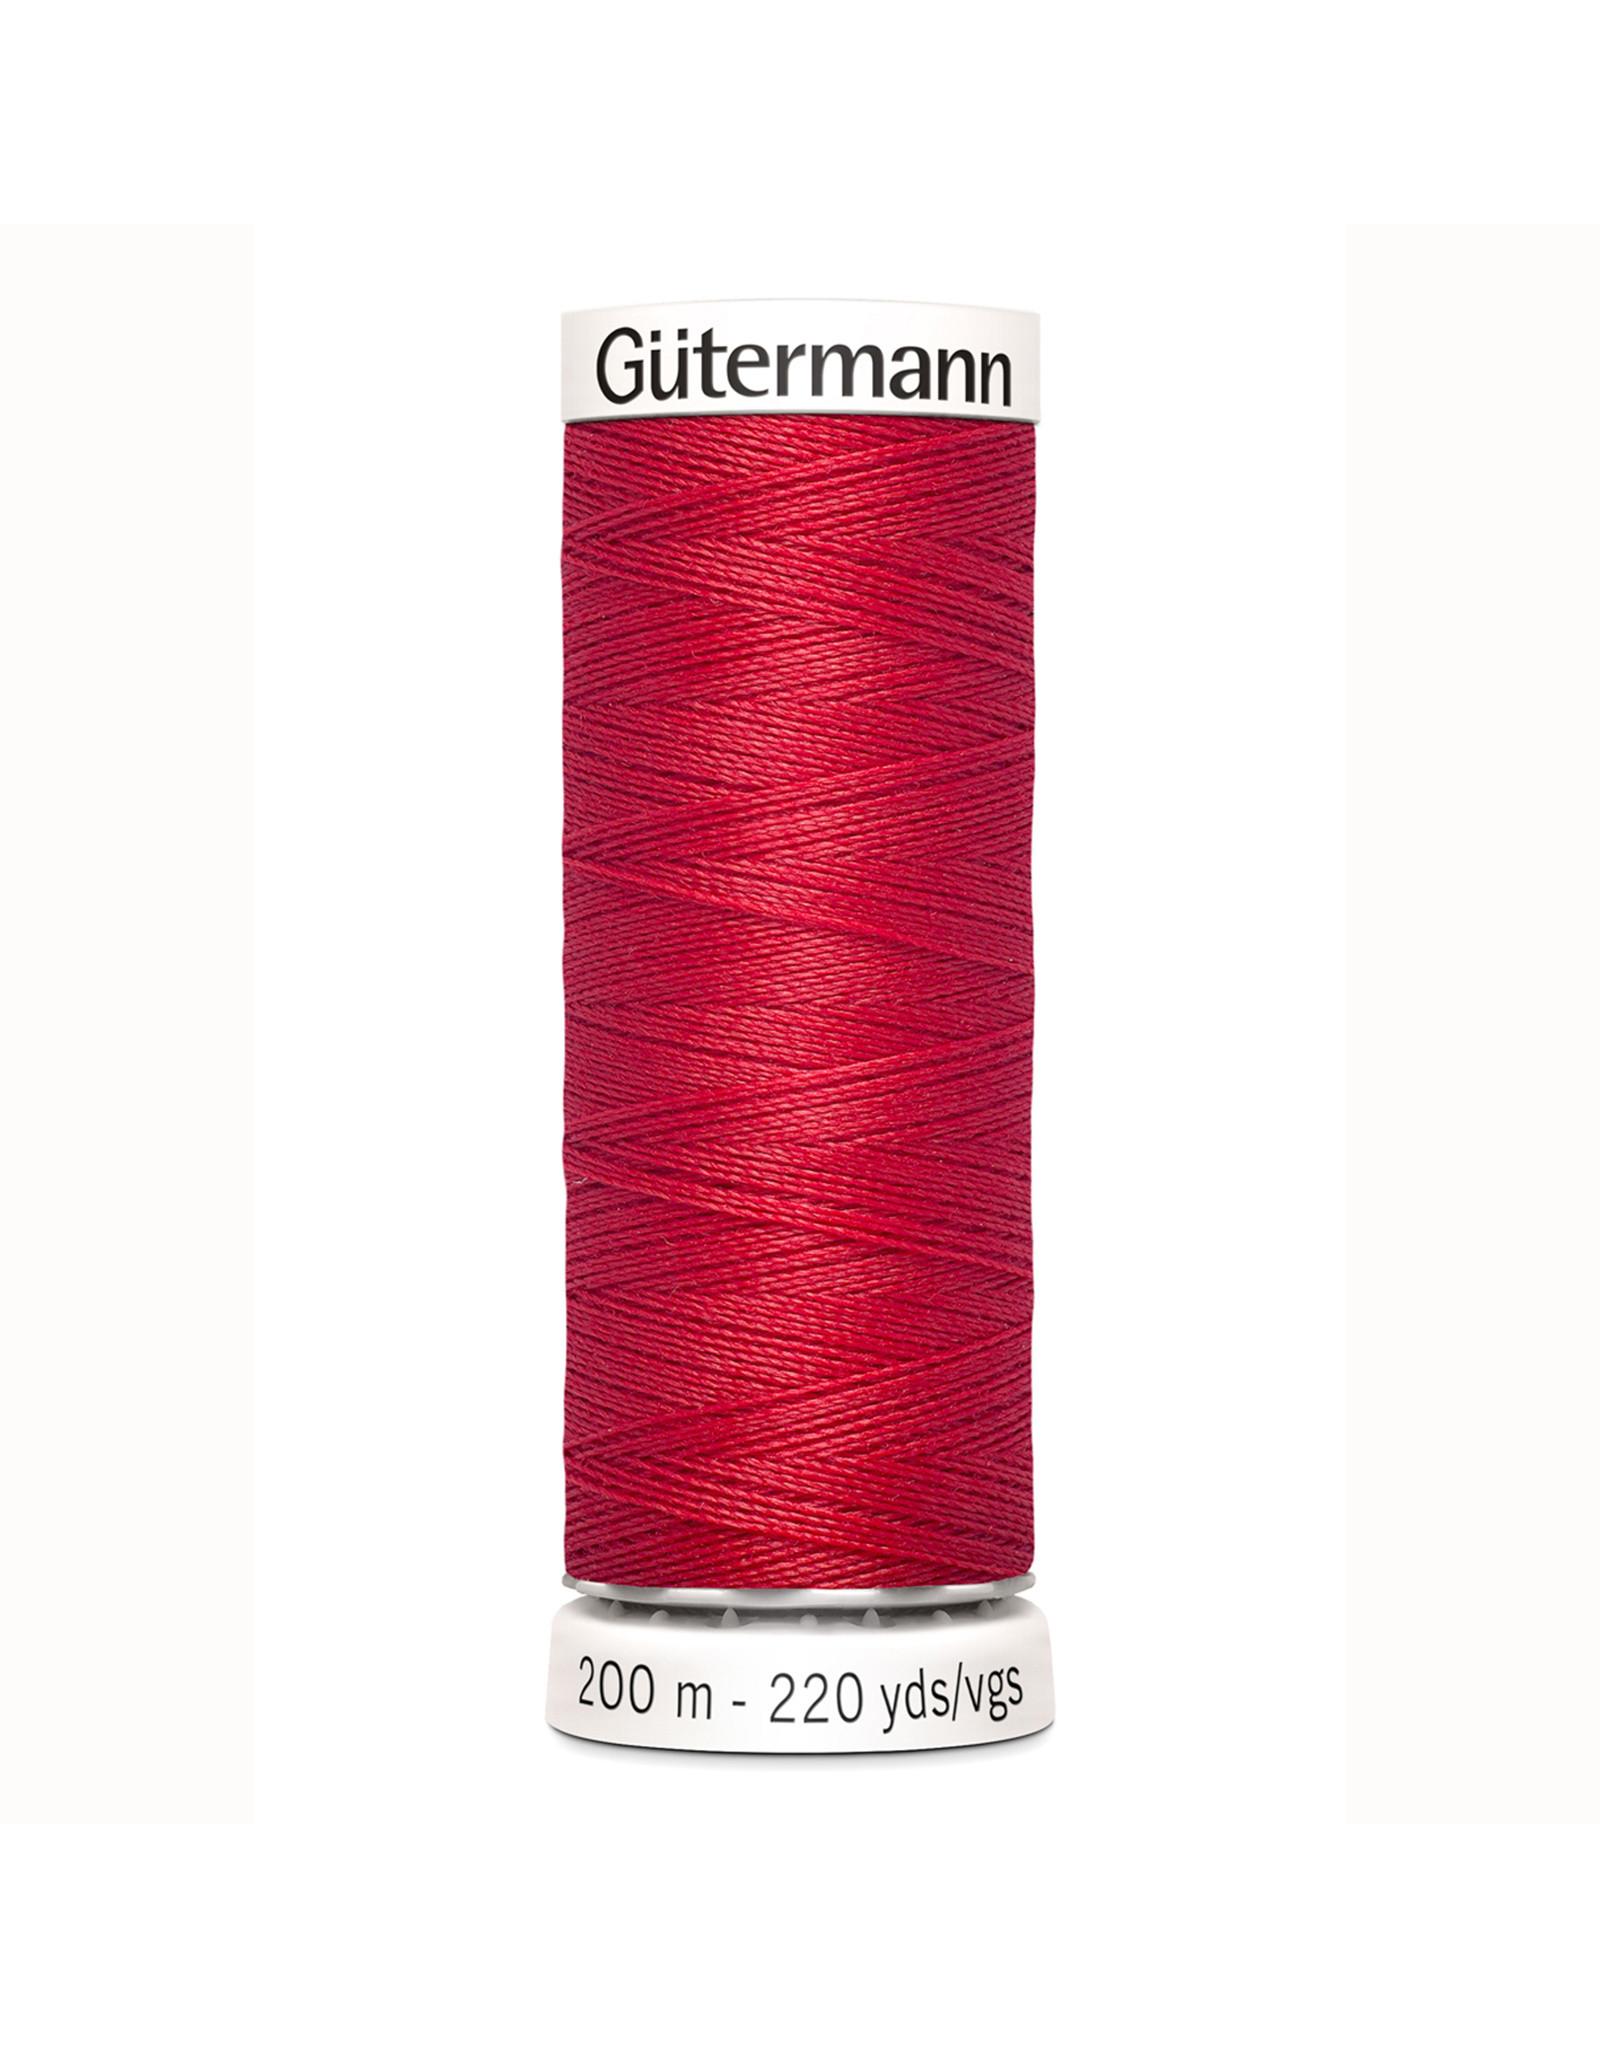 Gütermann Gütermann Nähgarn 200 m - nr 365